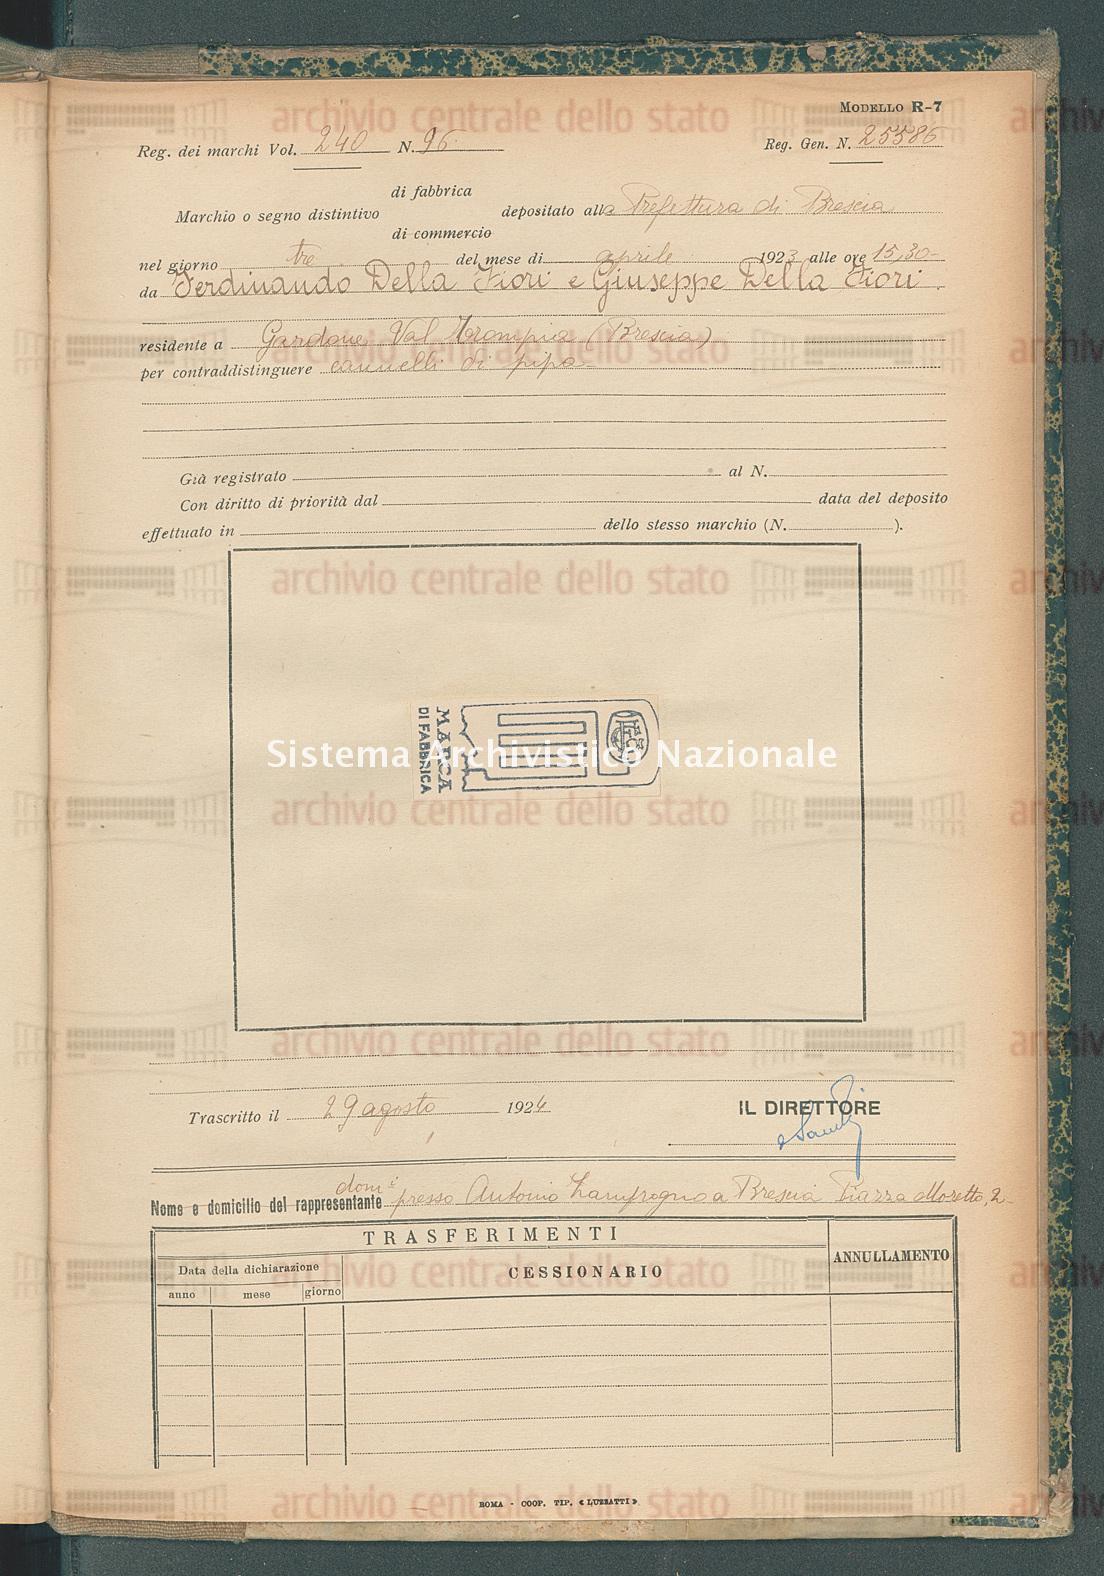 Ferndinando Della Fiori E Giuseppe Della Fiori (29/08/1924)